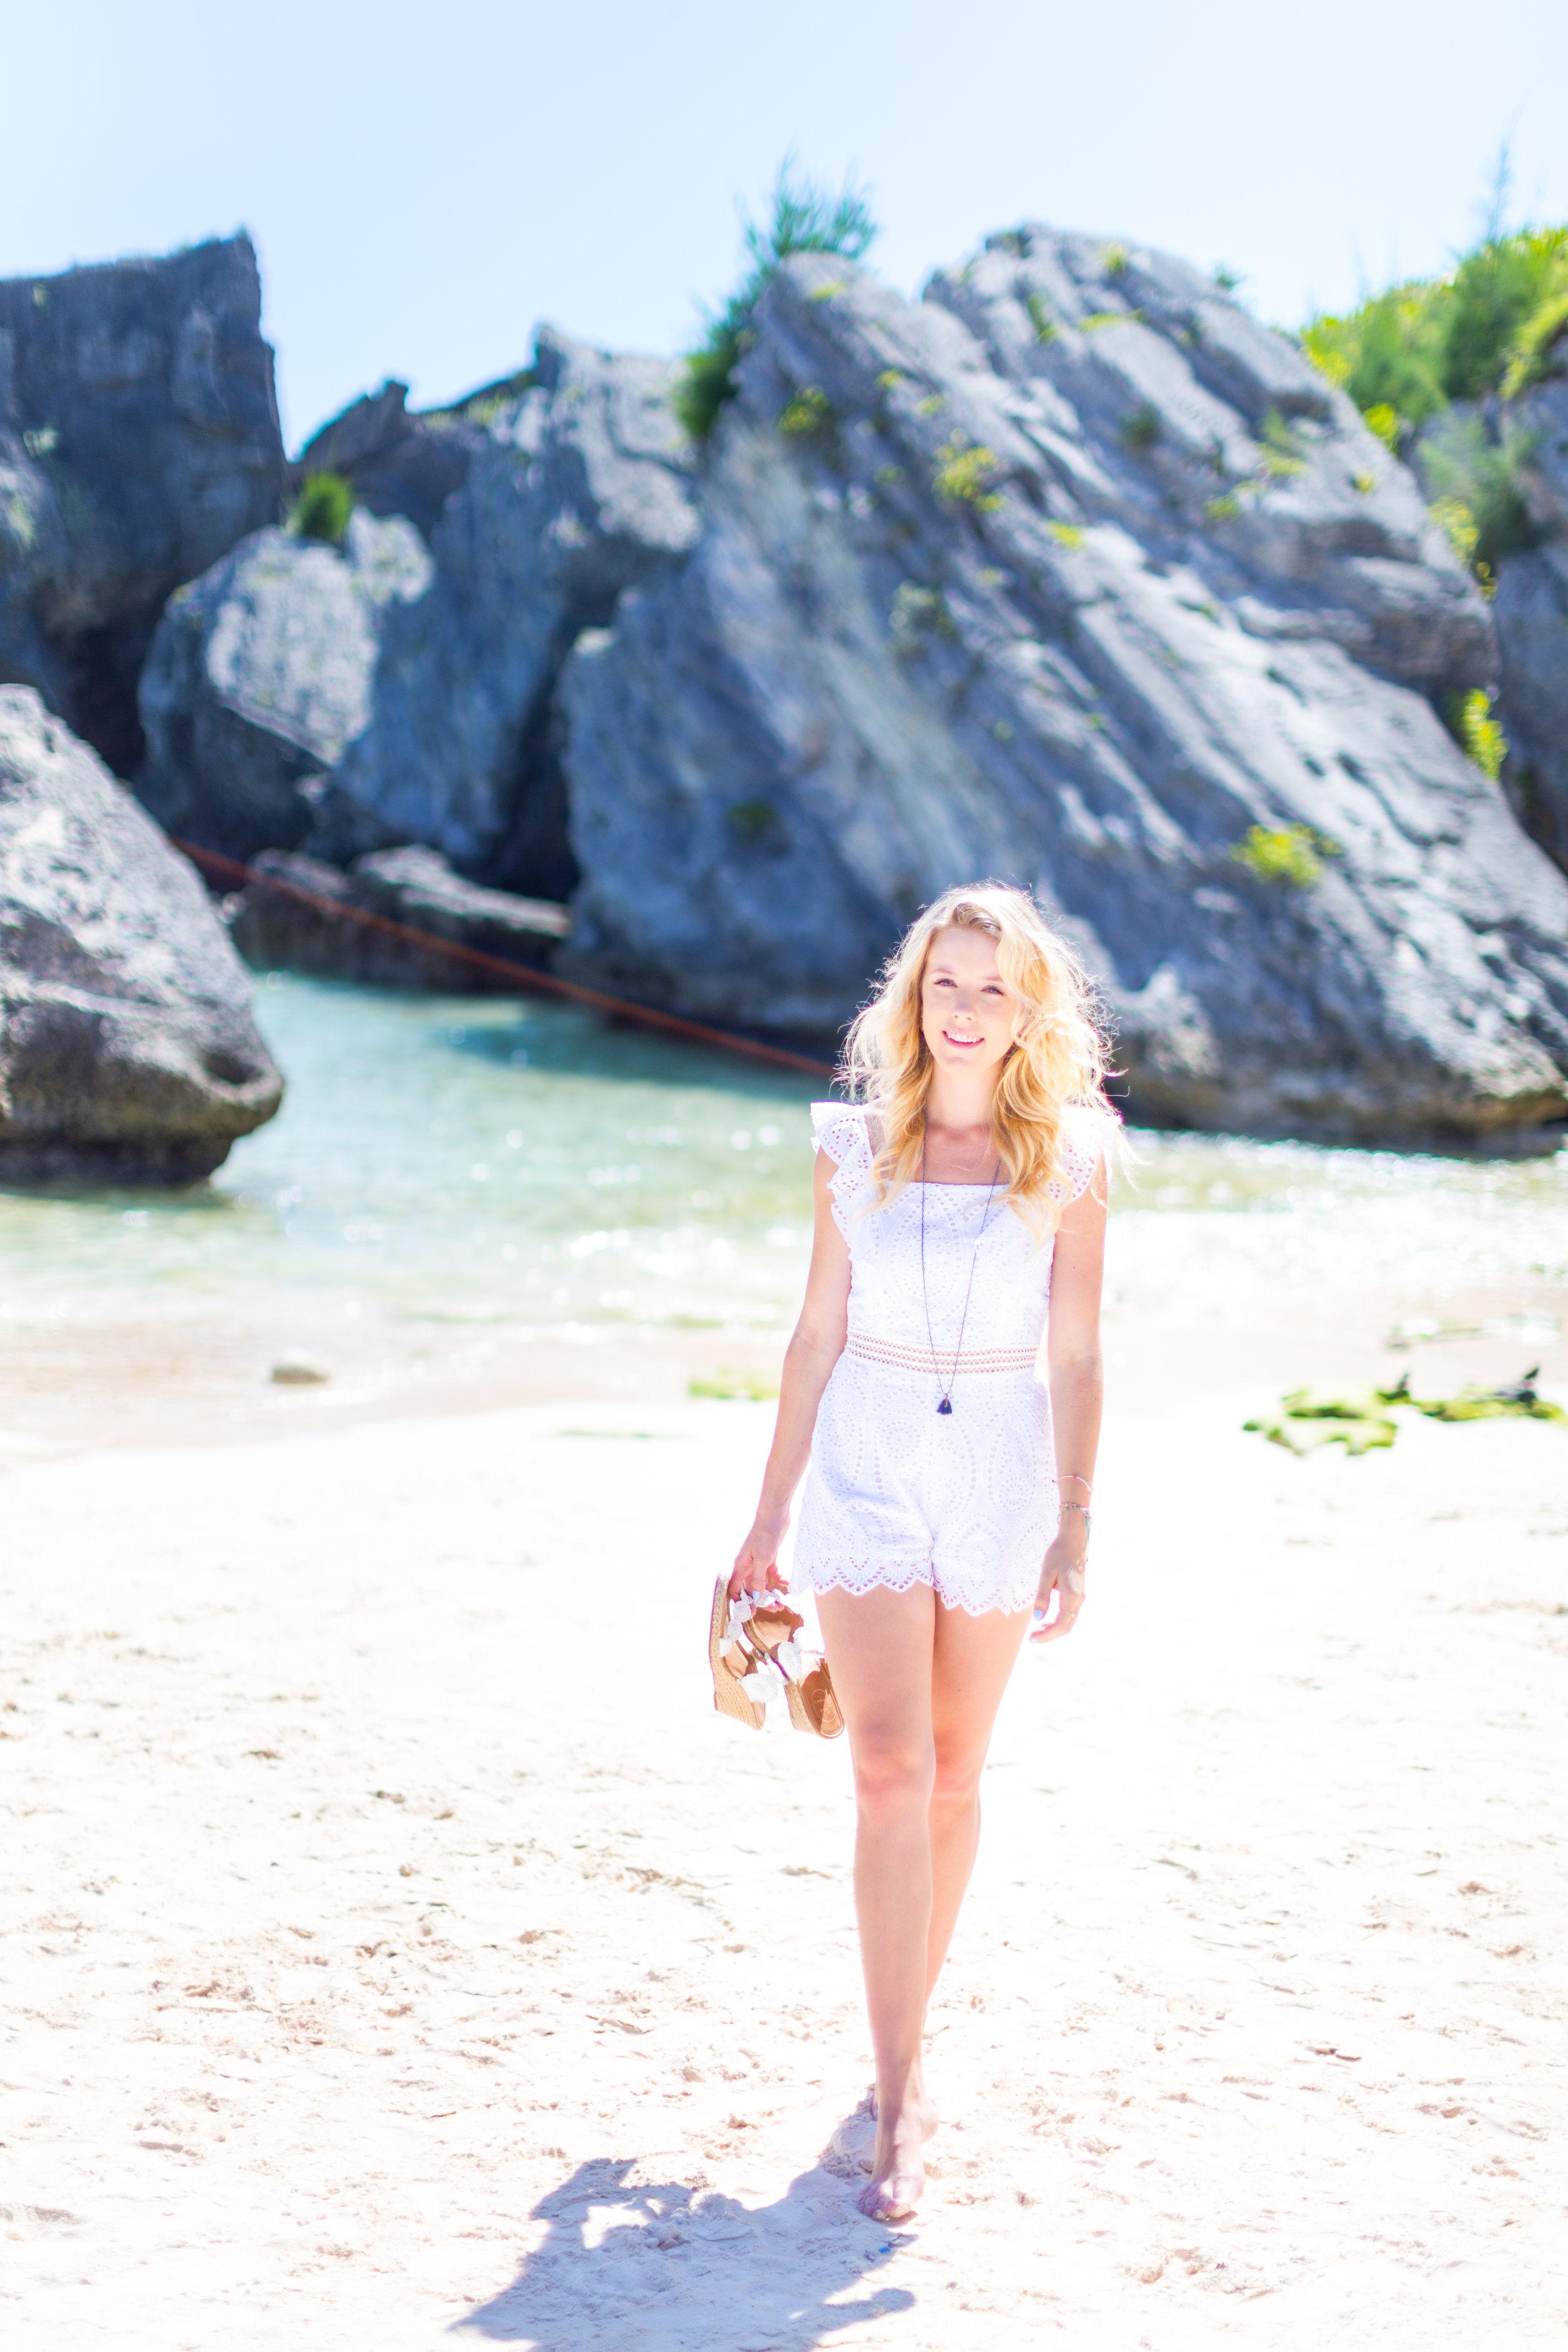 Summer Labor Day Fashion White Lace Romper Bermuda-5.jpg